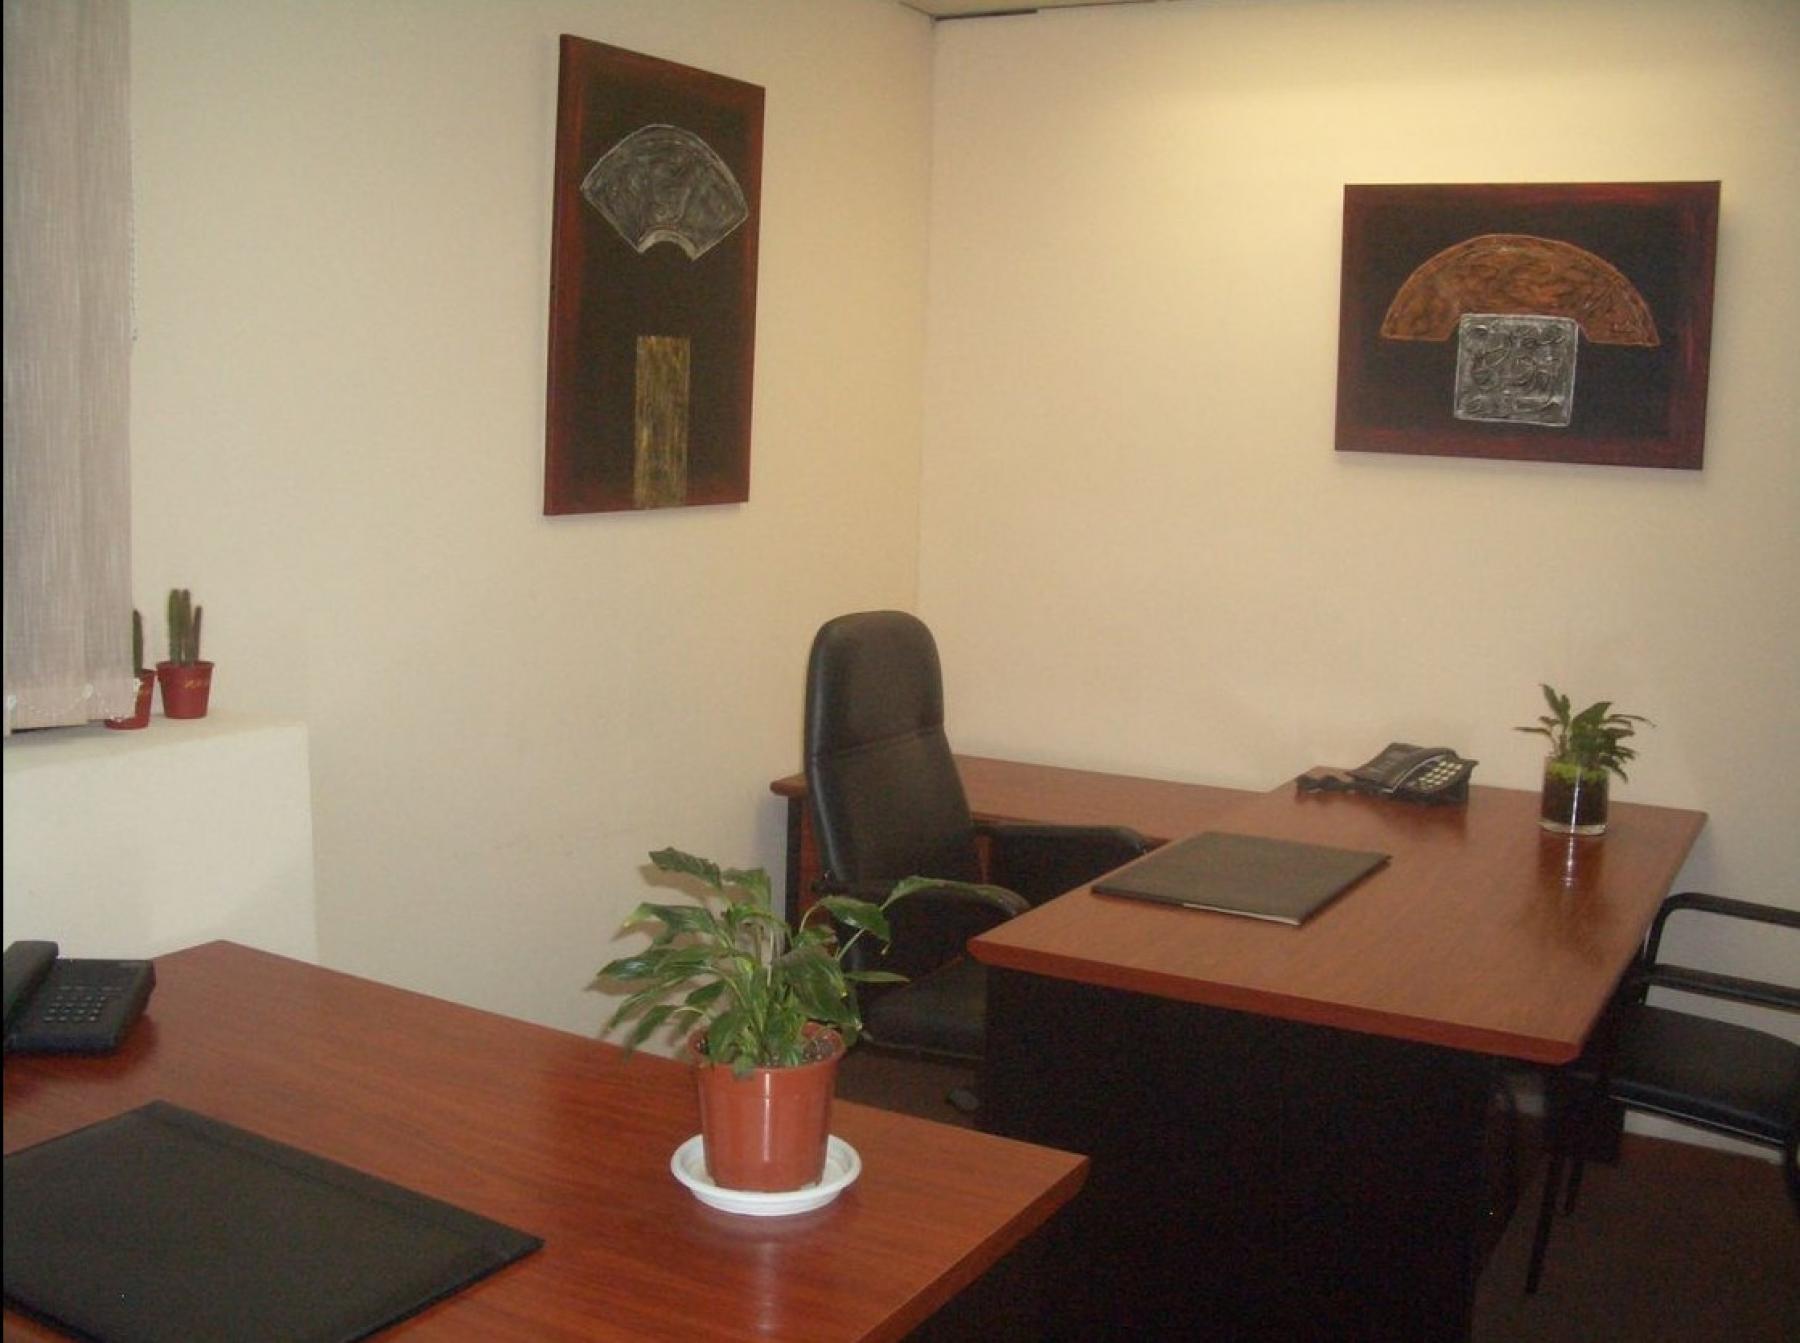 Decorated offices to rent at Carrer de la diputació 279